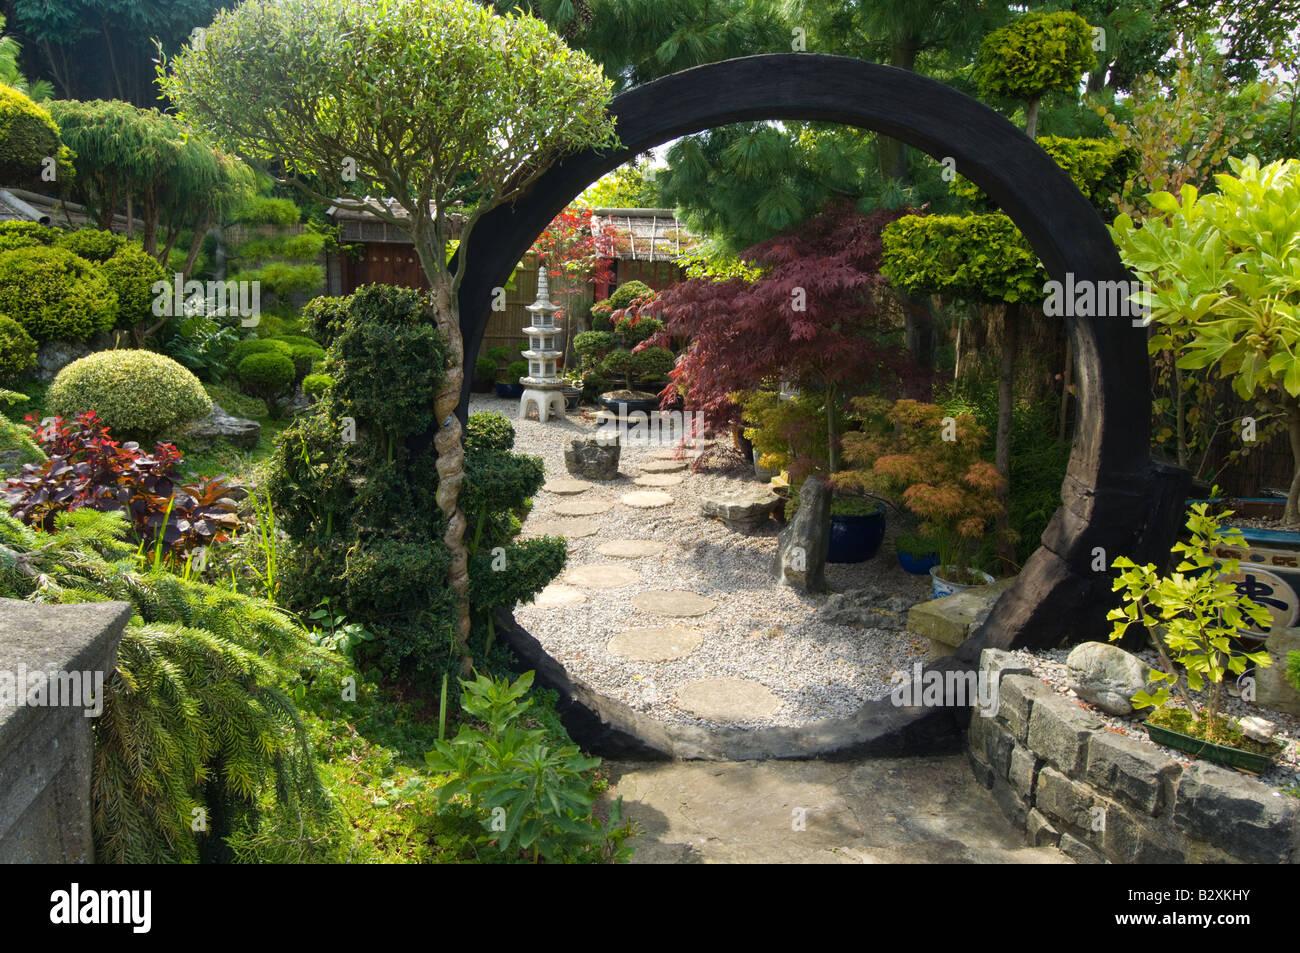 Jardin de style japonais avec moon gate rocks arbustes et arbres ...